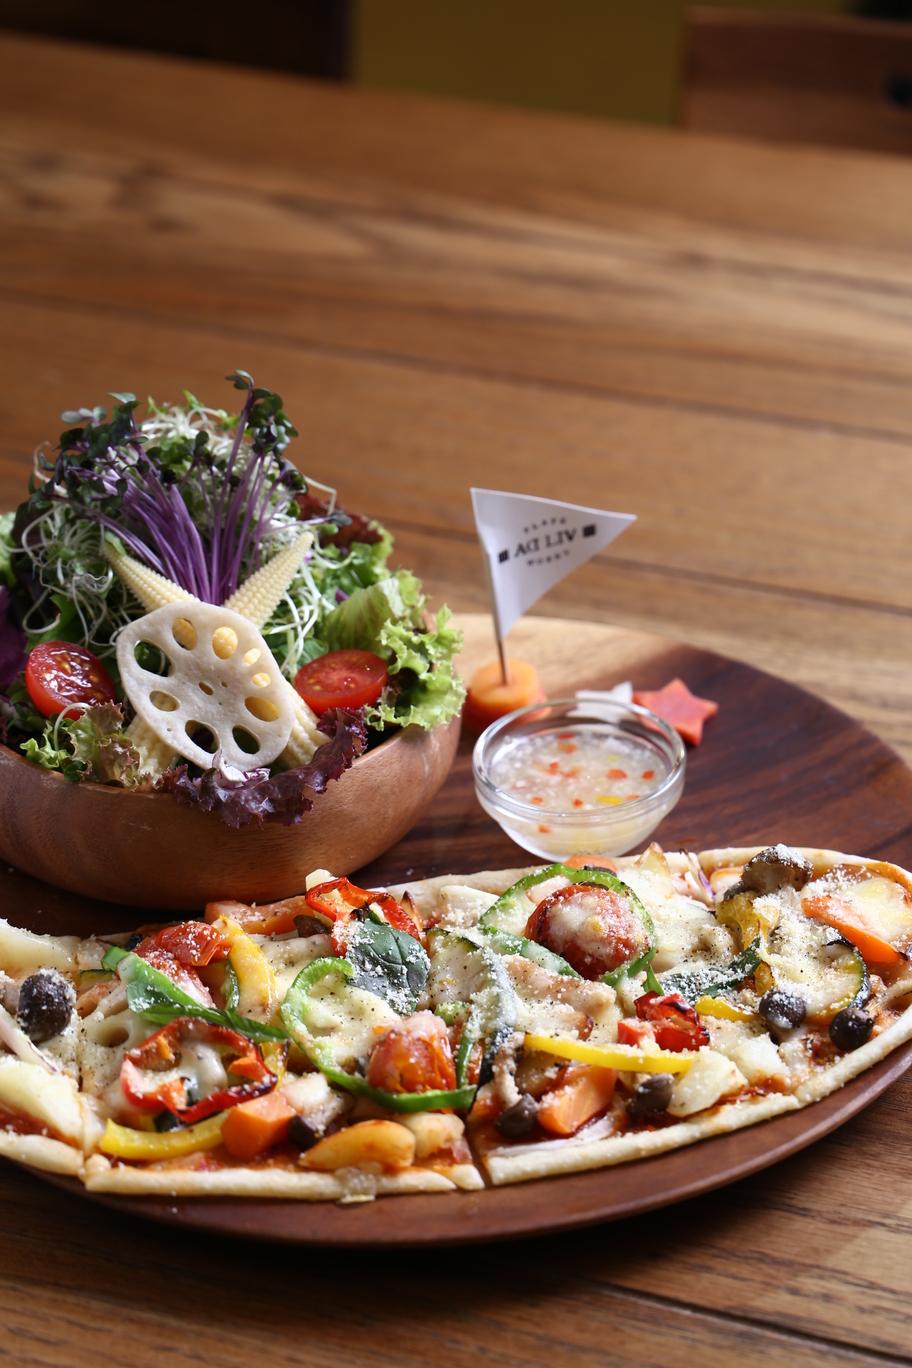 《美馬市/Aᗡ LIV(アドリブ)》泊まらなくても食べられる宿めし。具材を敷き詰めたピザは見た目も食感も楽しい!